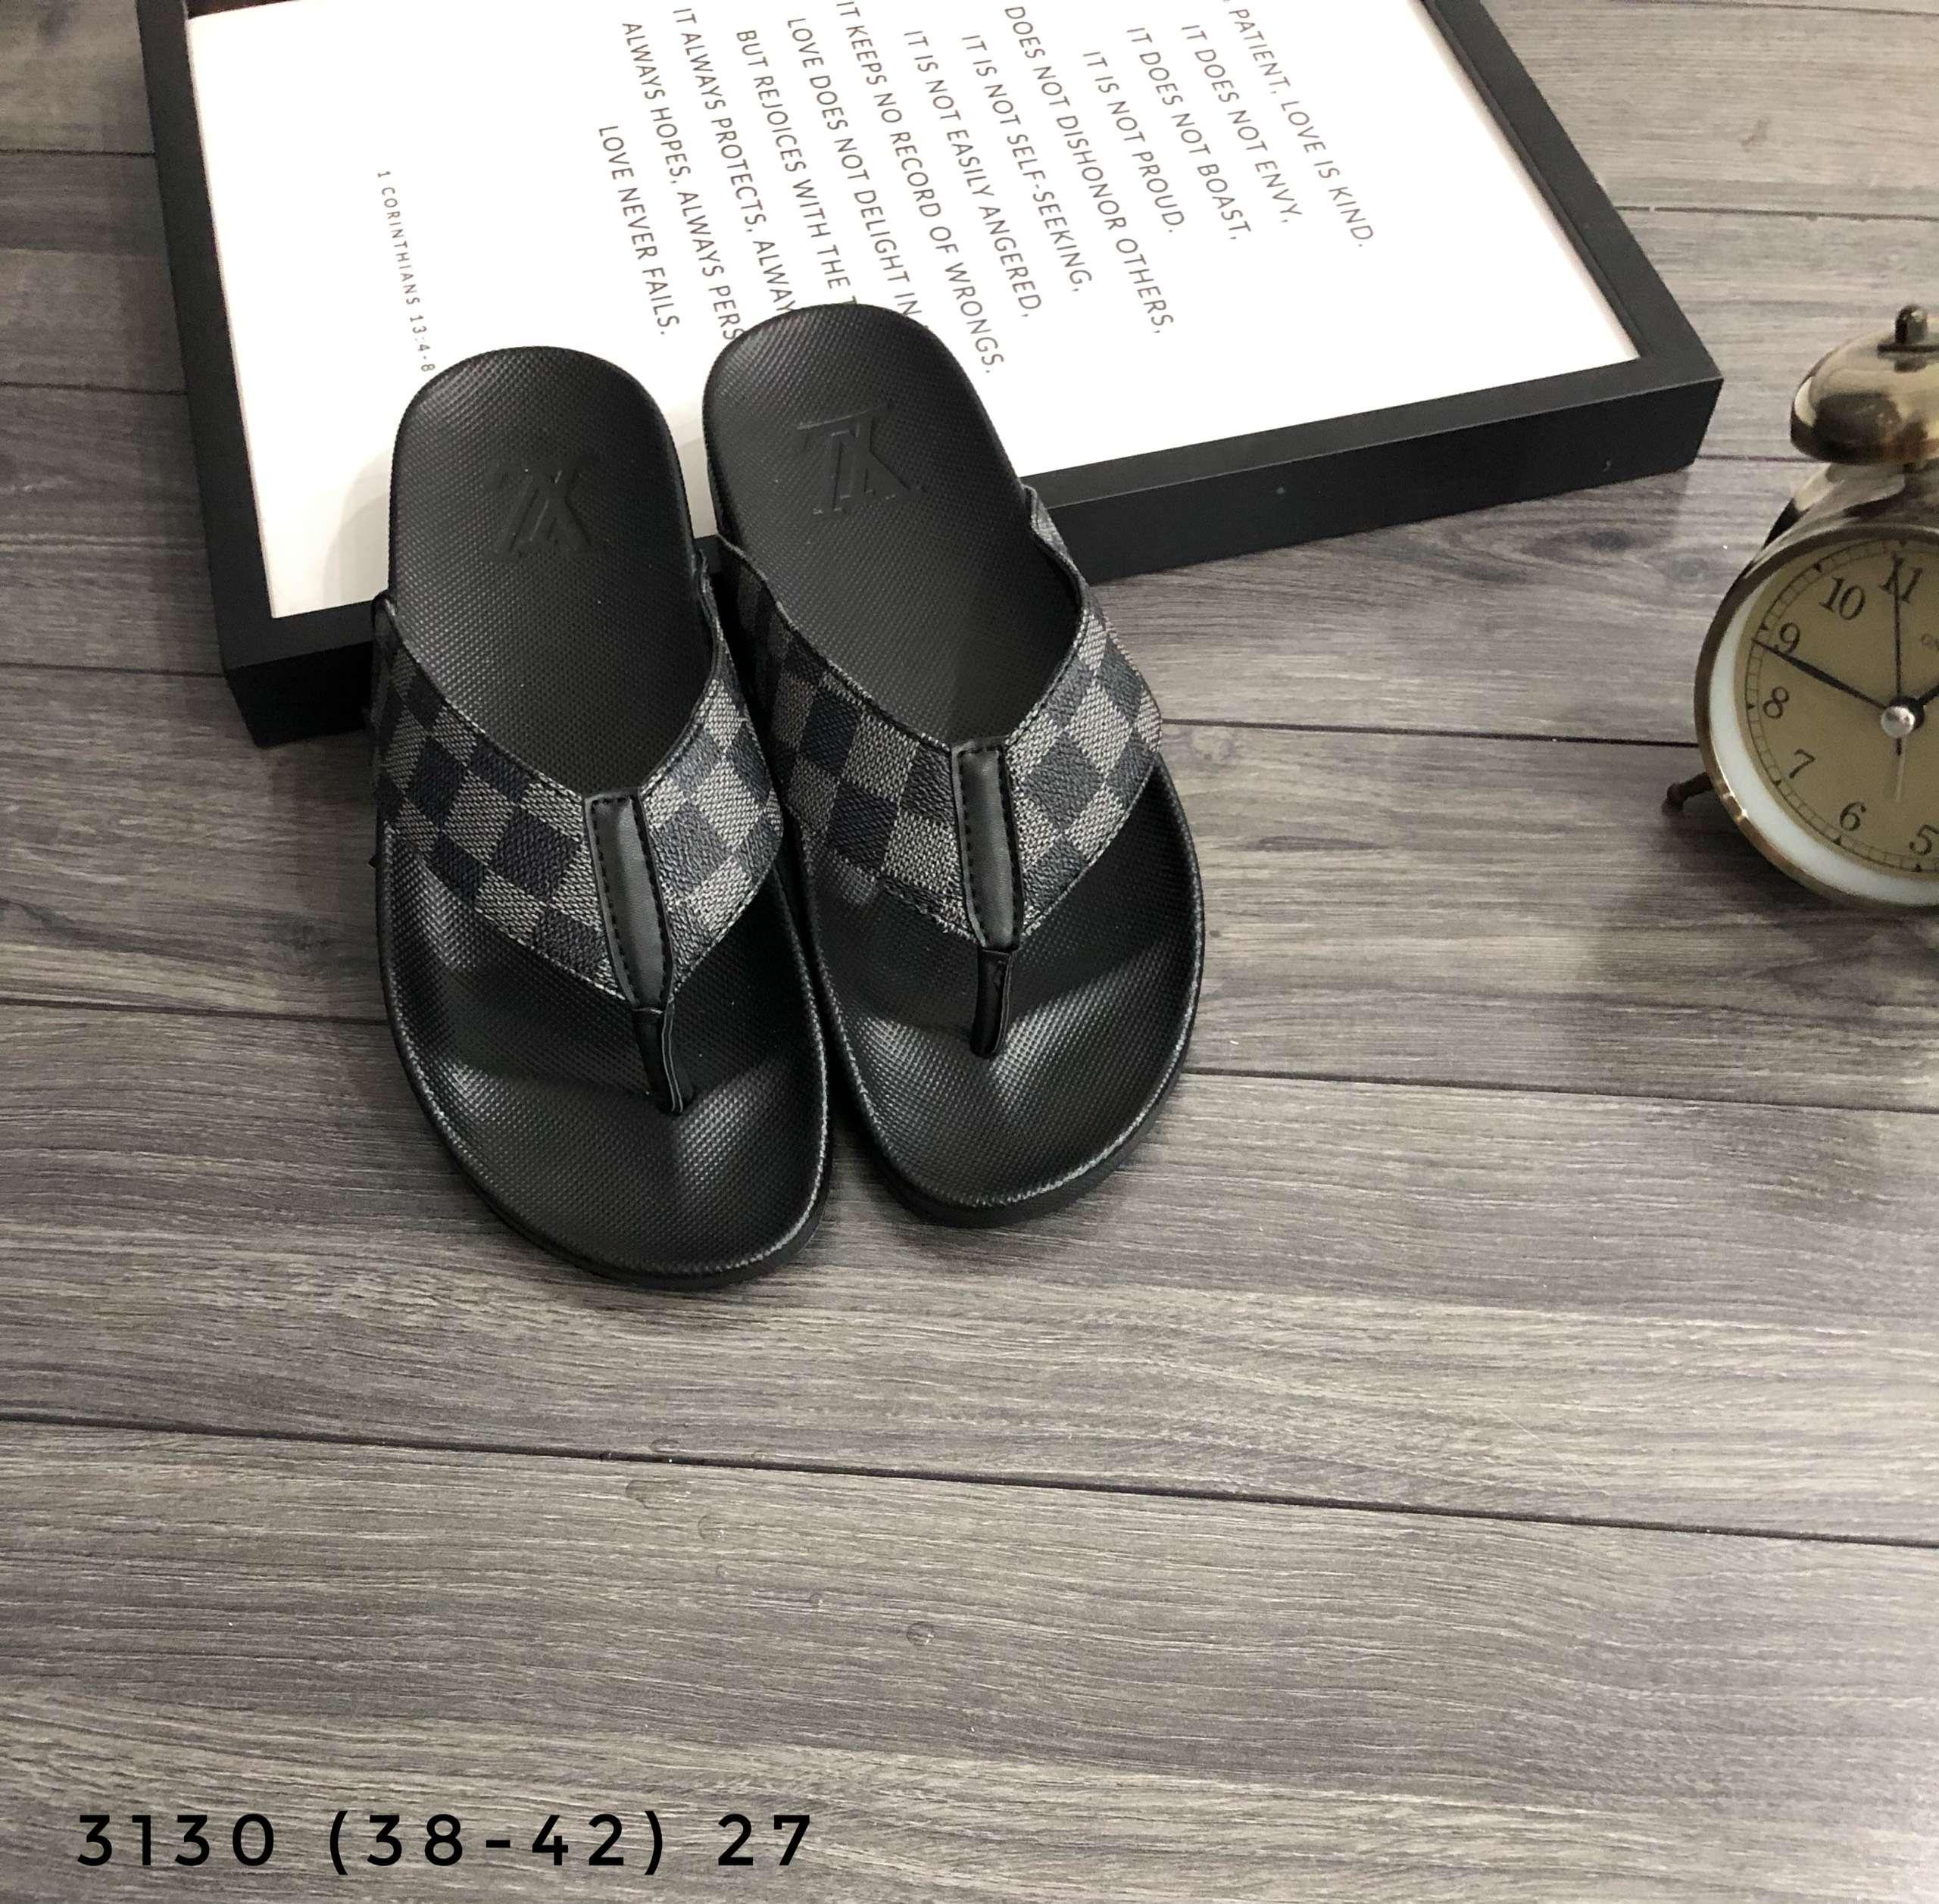 DÉP 3130 (38-42)